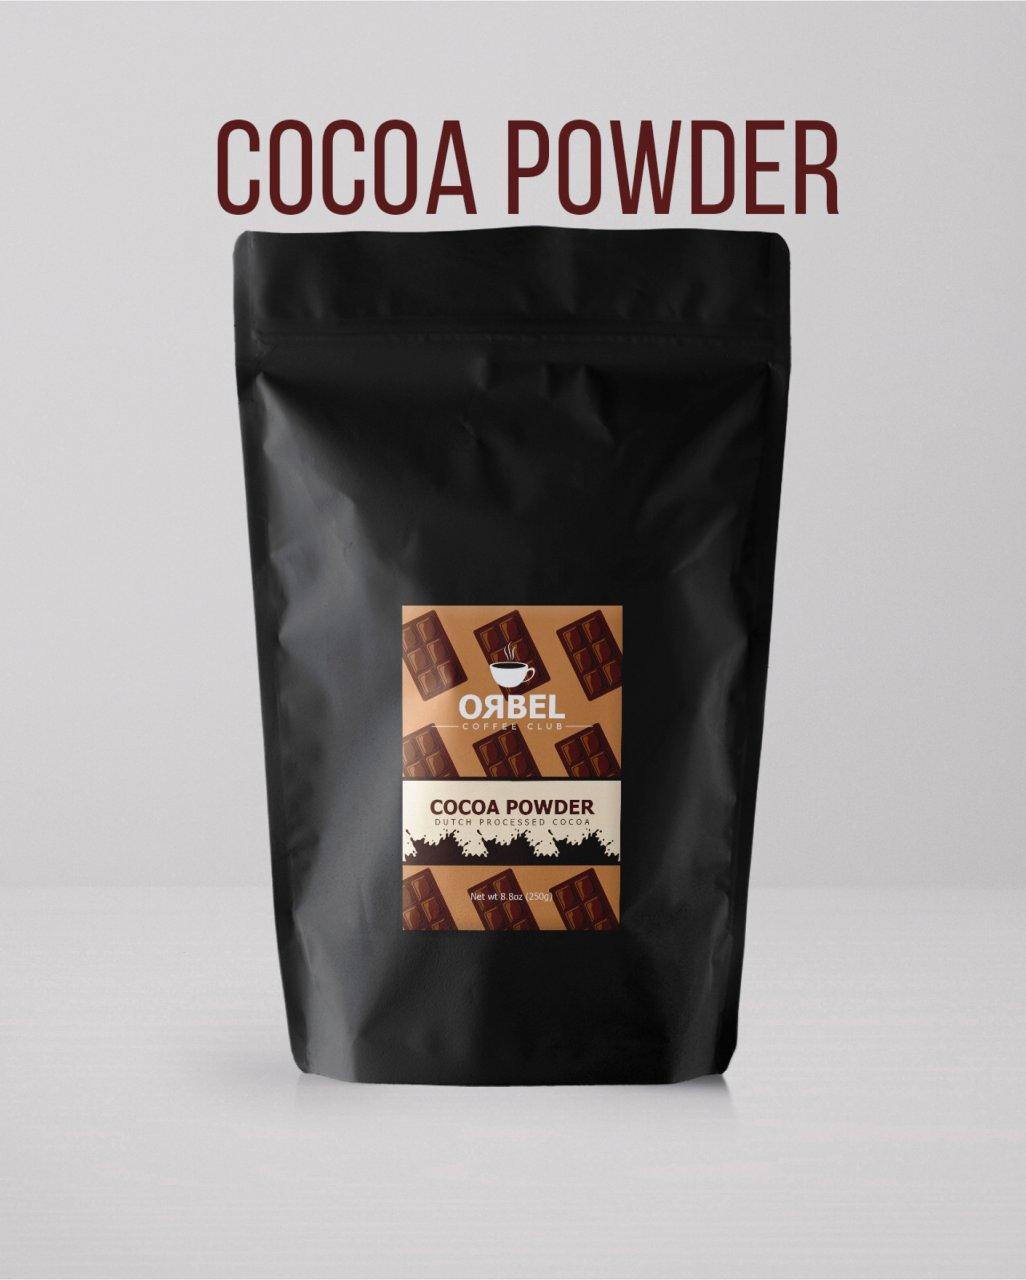 پودر کاکائو اوربل 250 گرم